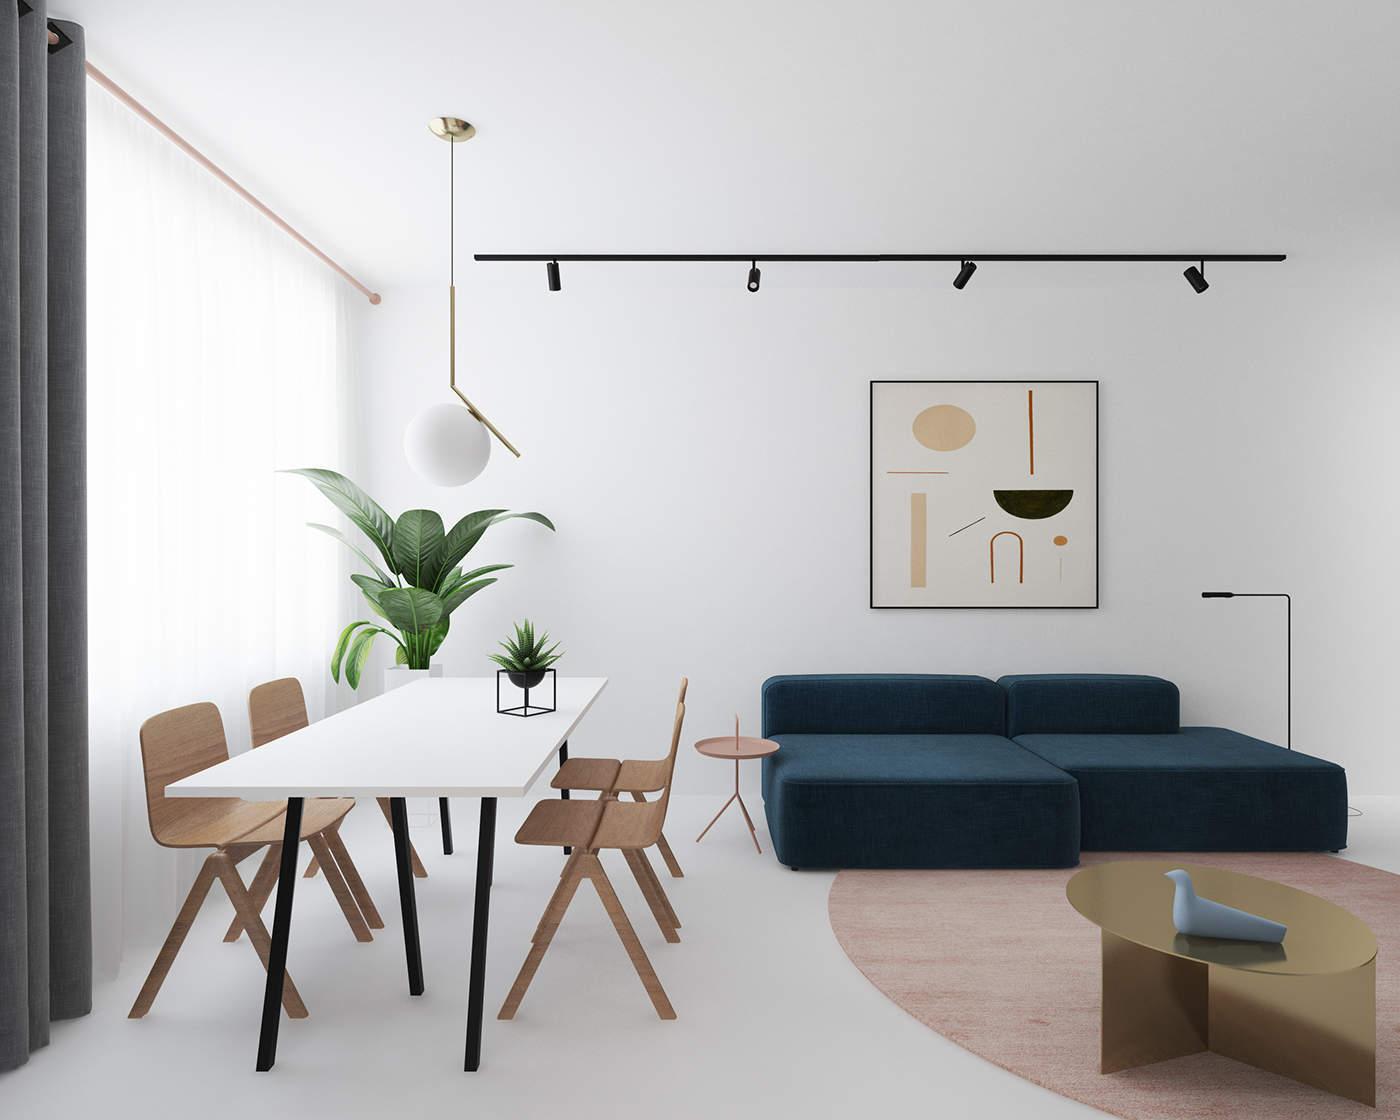 Un espace convivial et chaleureux